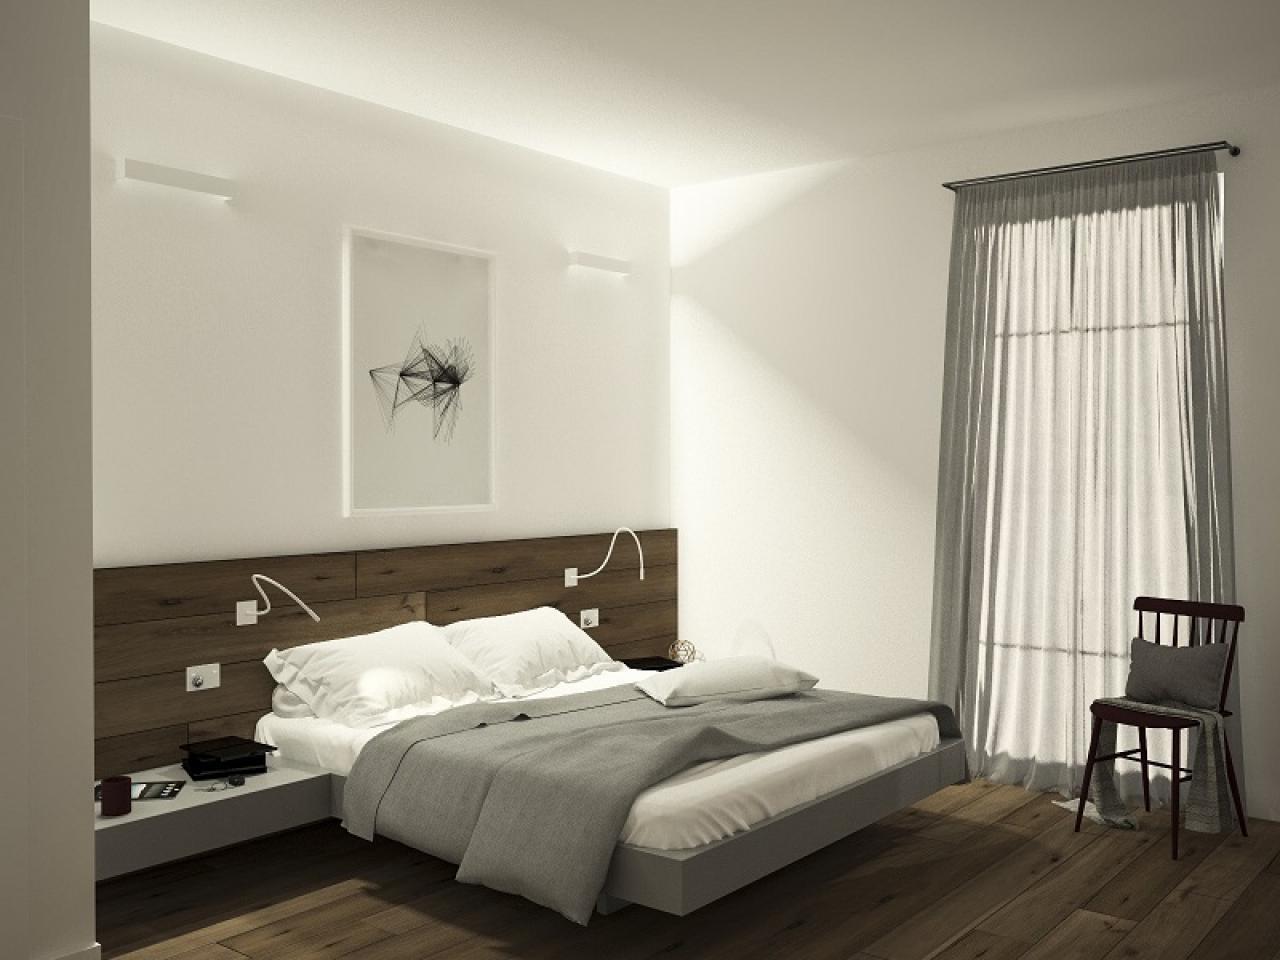 Pavimenti Camere Da Letto Moderne camere da letto moderne | fratelli pellizzari